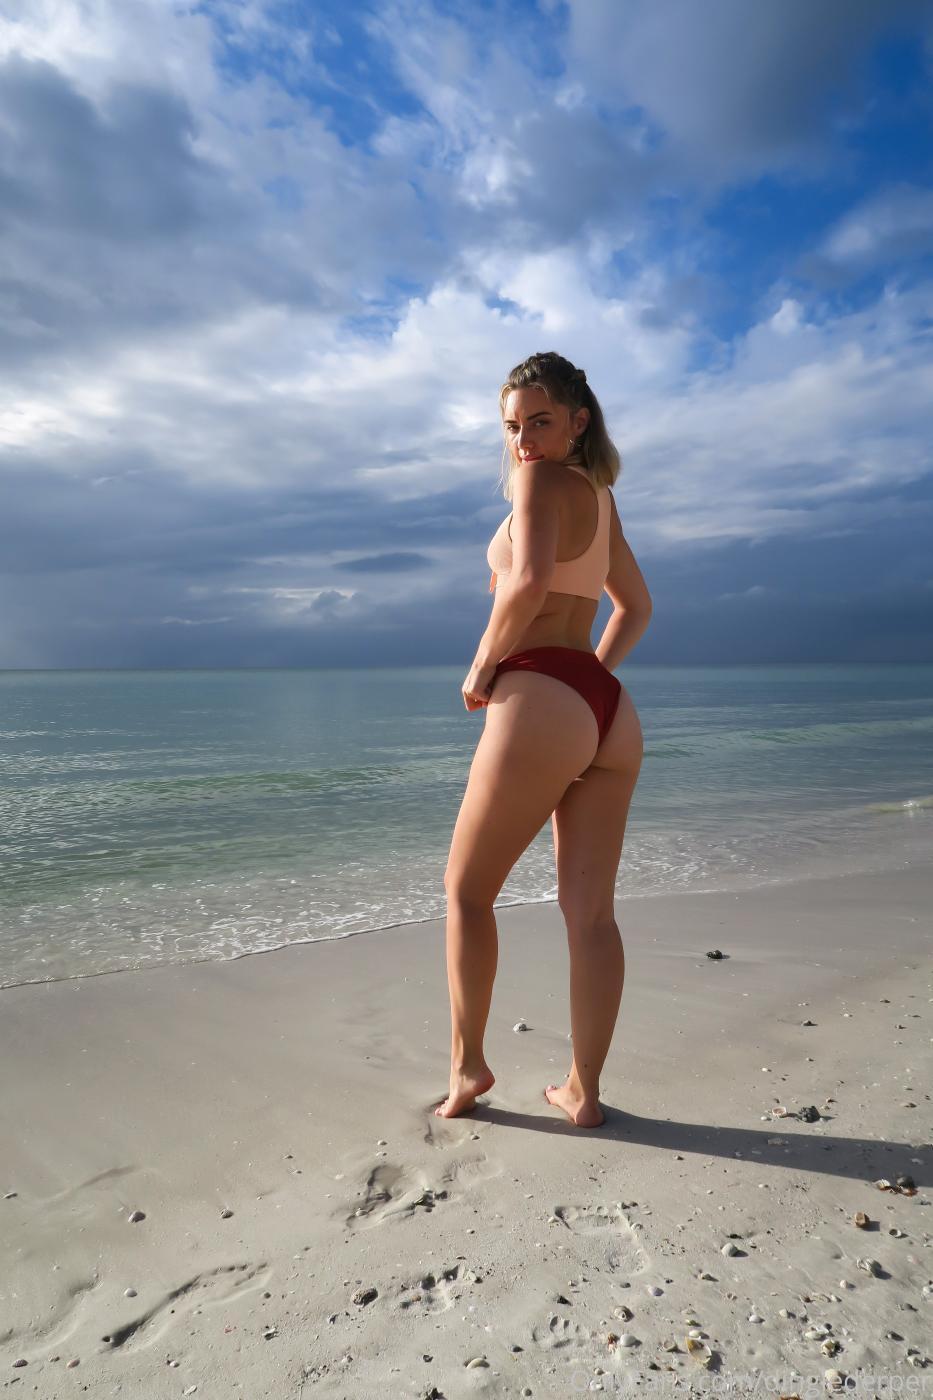 Dinglederper Beach Onlyfans Set Leaked 0009